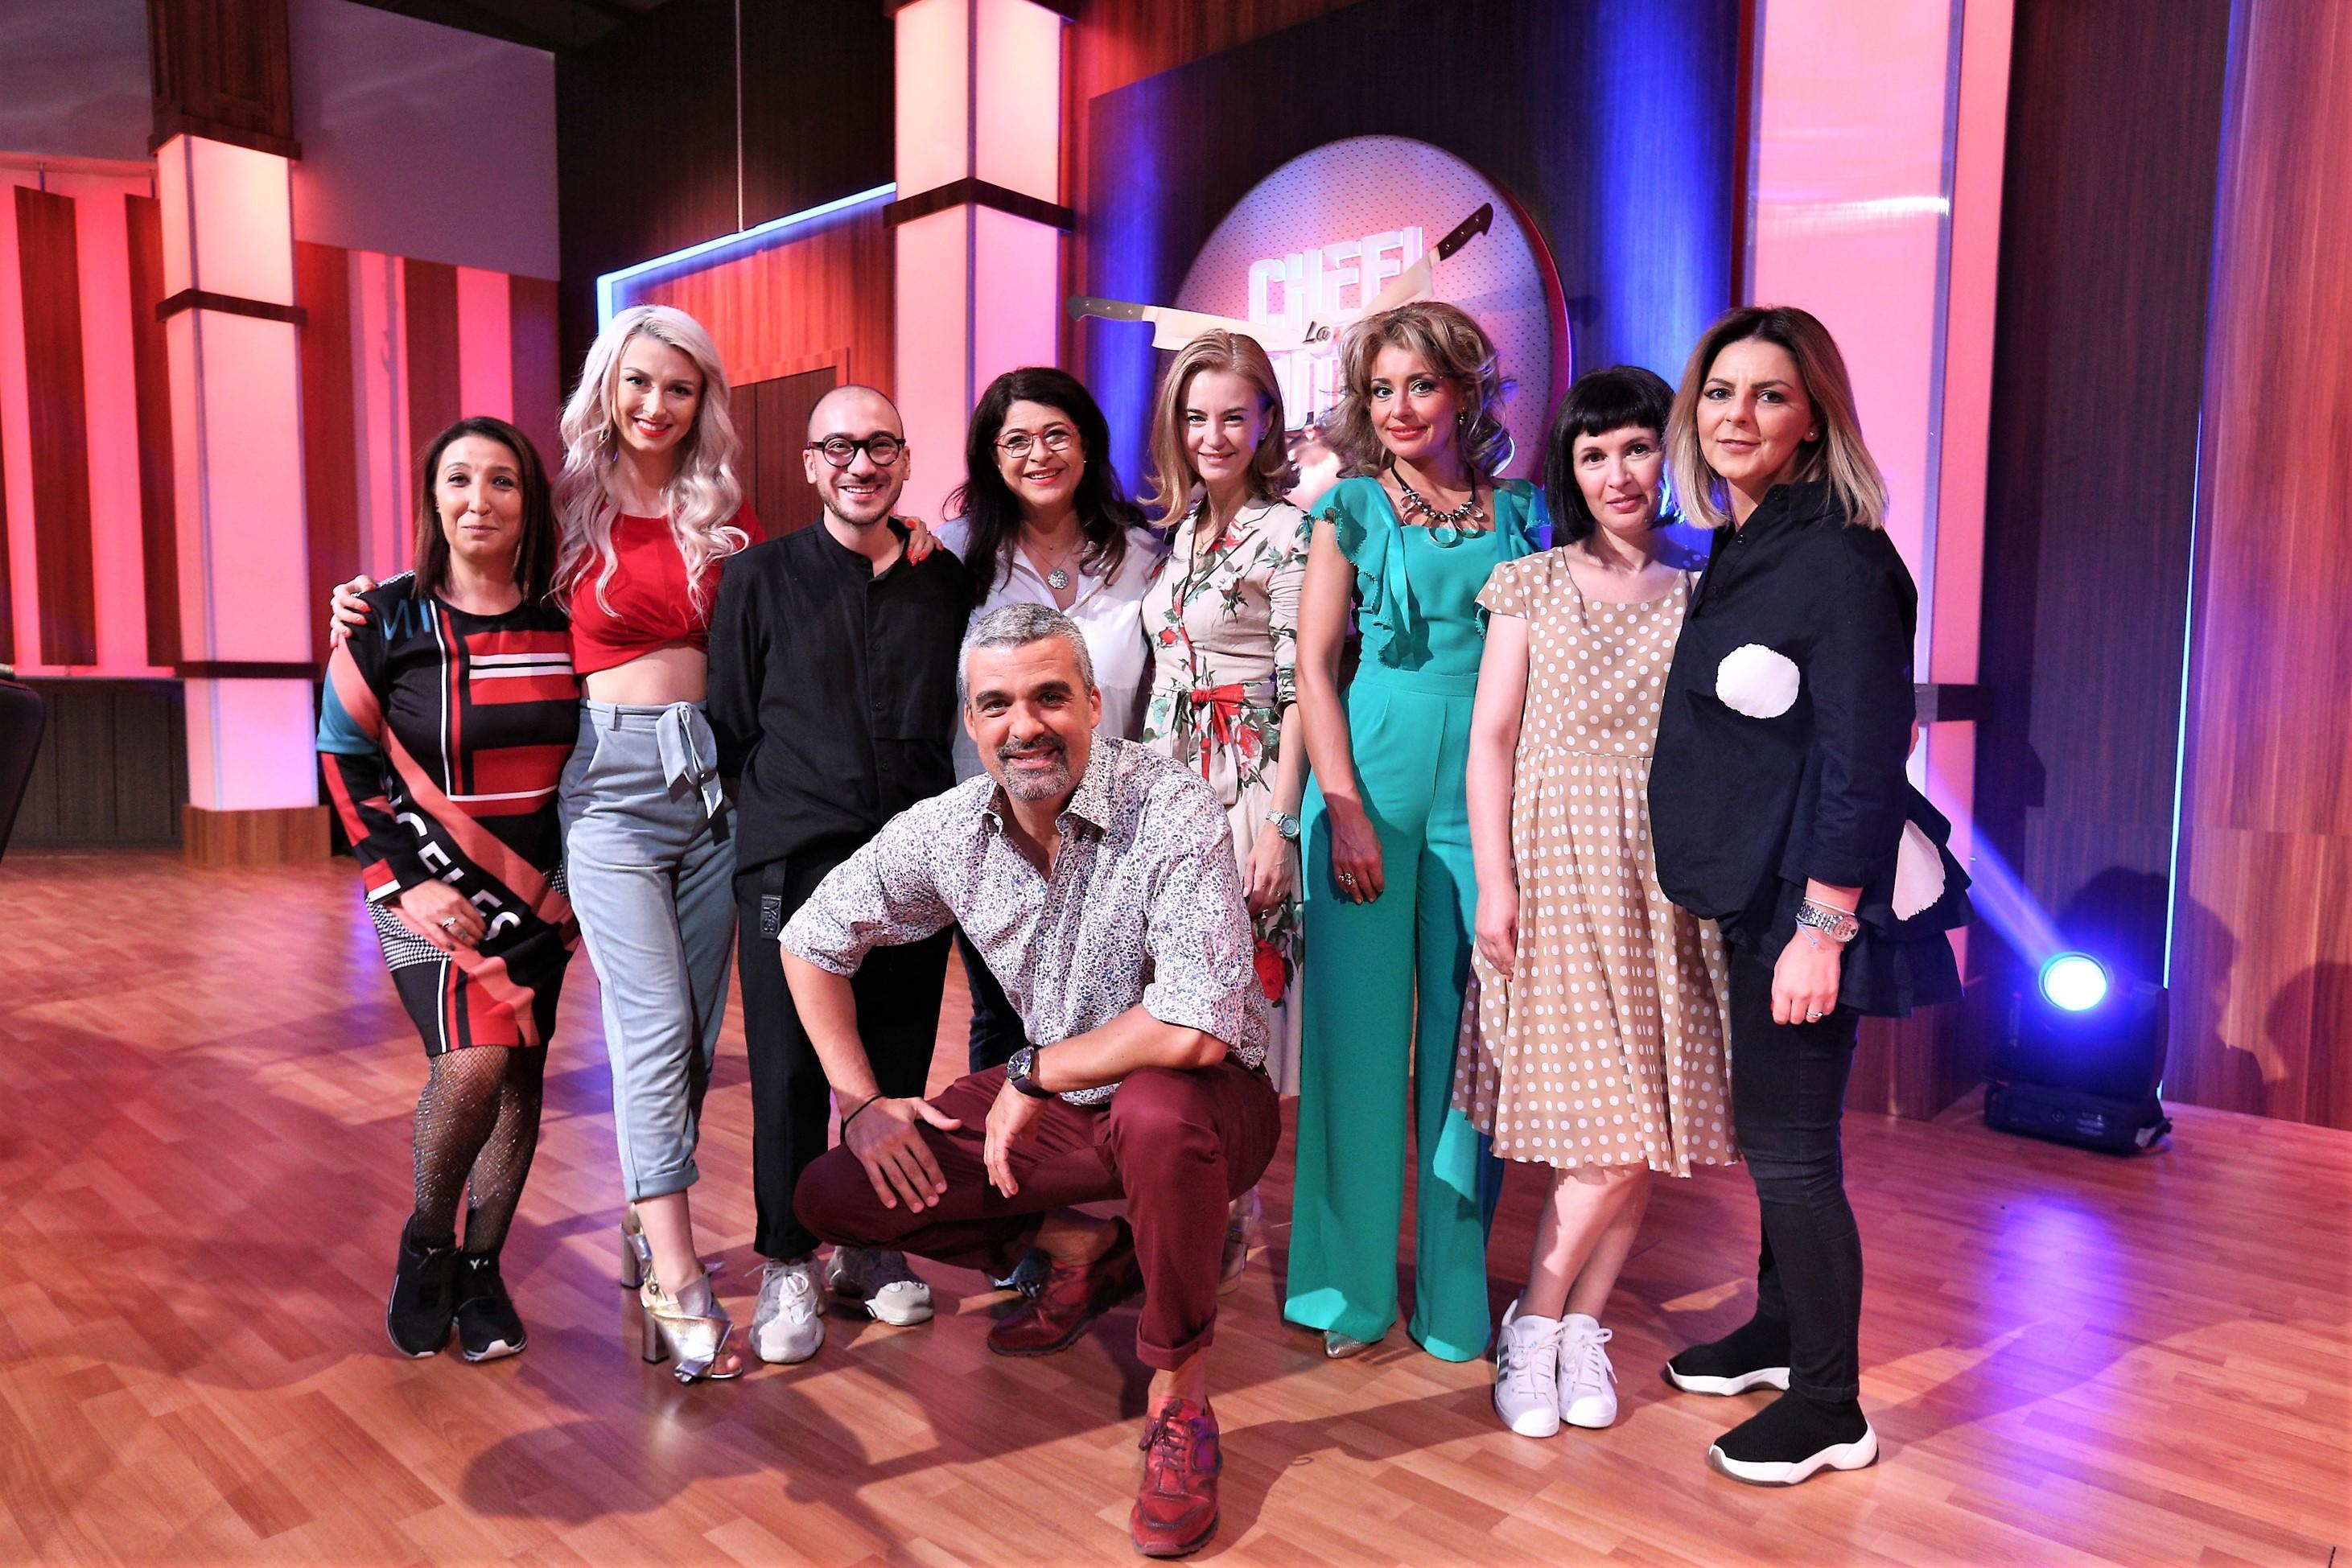 De Crăciun, Antena 1 a pregătit şase zile de magie pentru toată familia